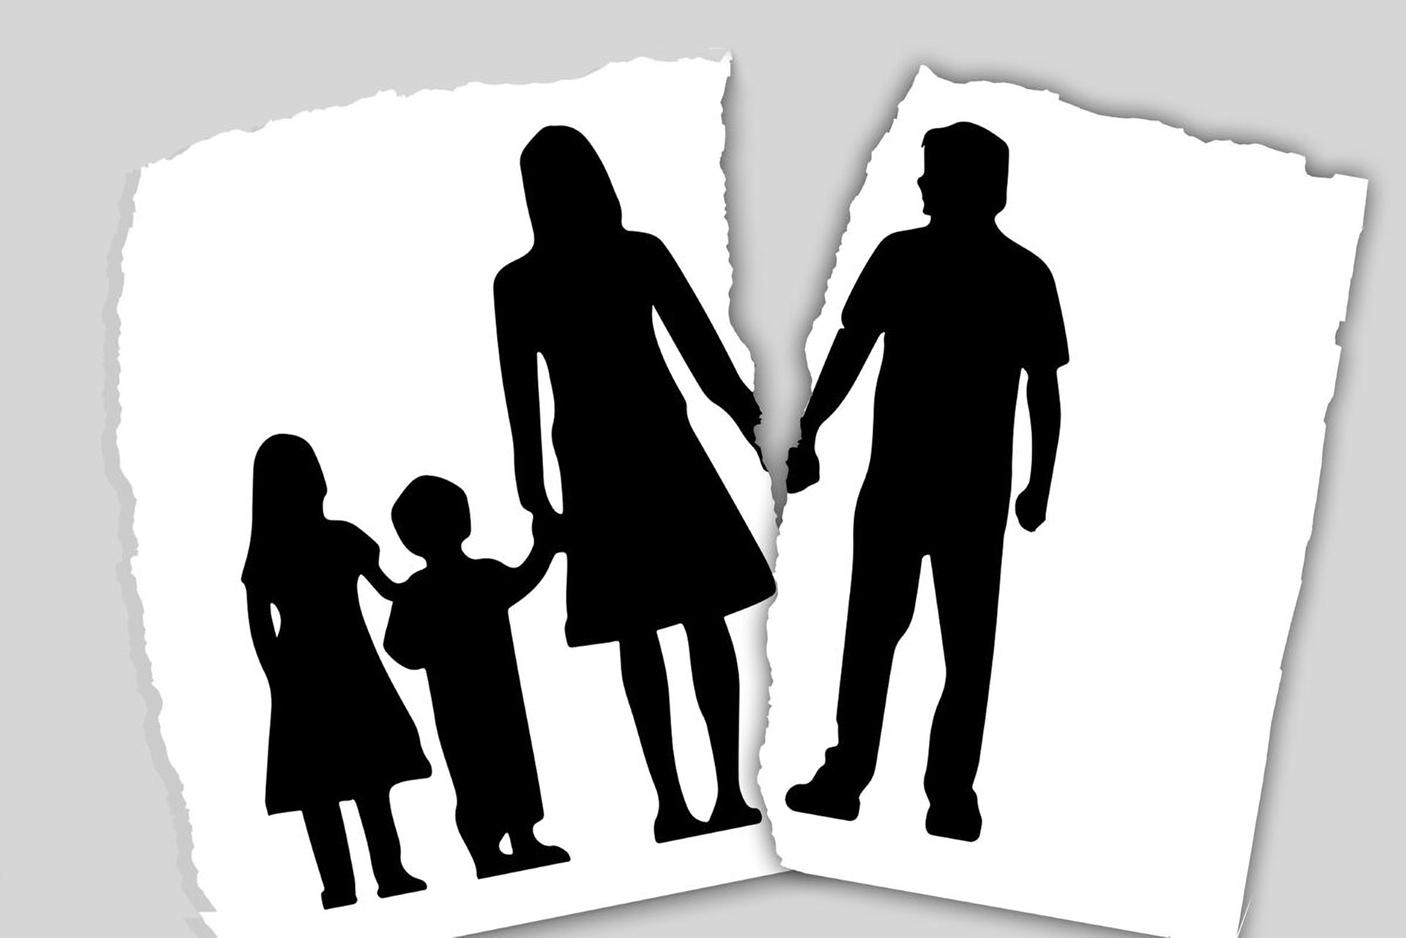 在單親家庭中成長的負面結果,無論是社會還是兒童,往往被媒體忽視。(Pixabay)